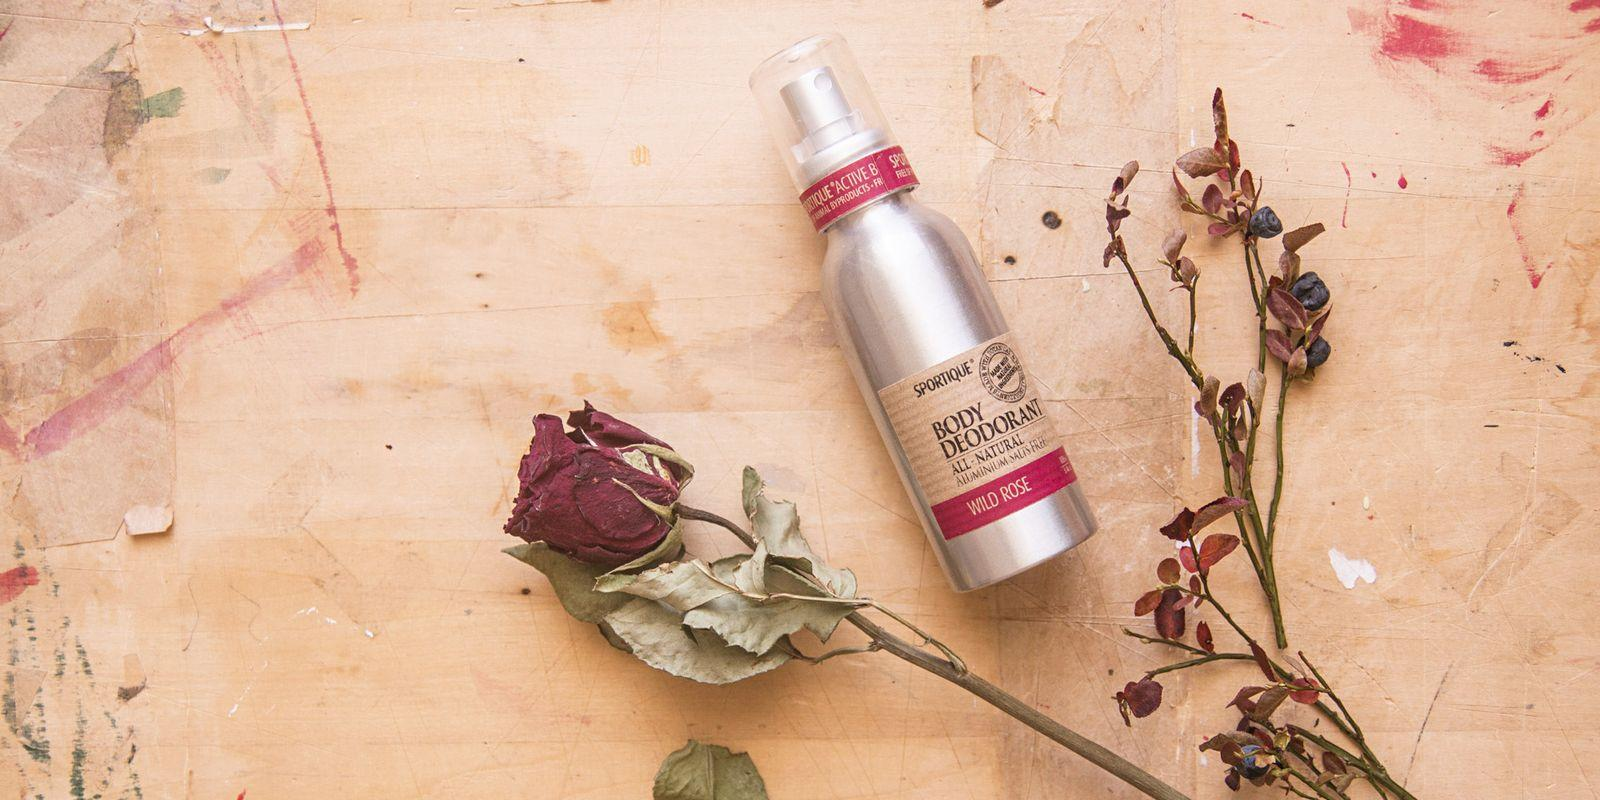 Recenze: Deodorant Sportique s vůní růže